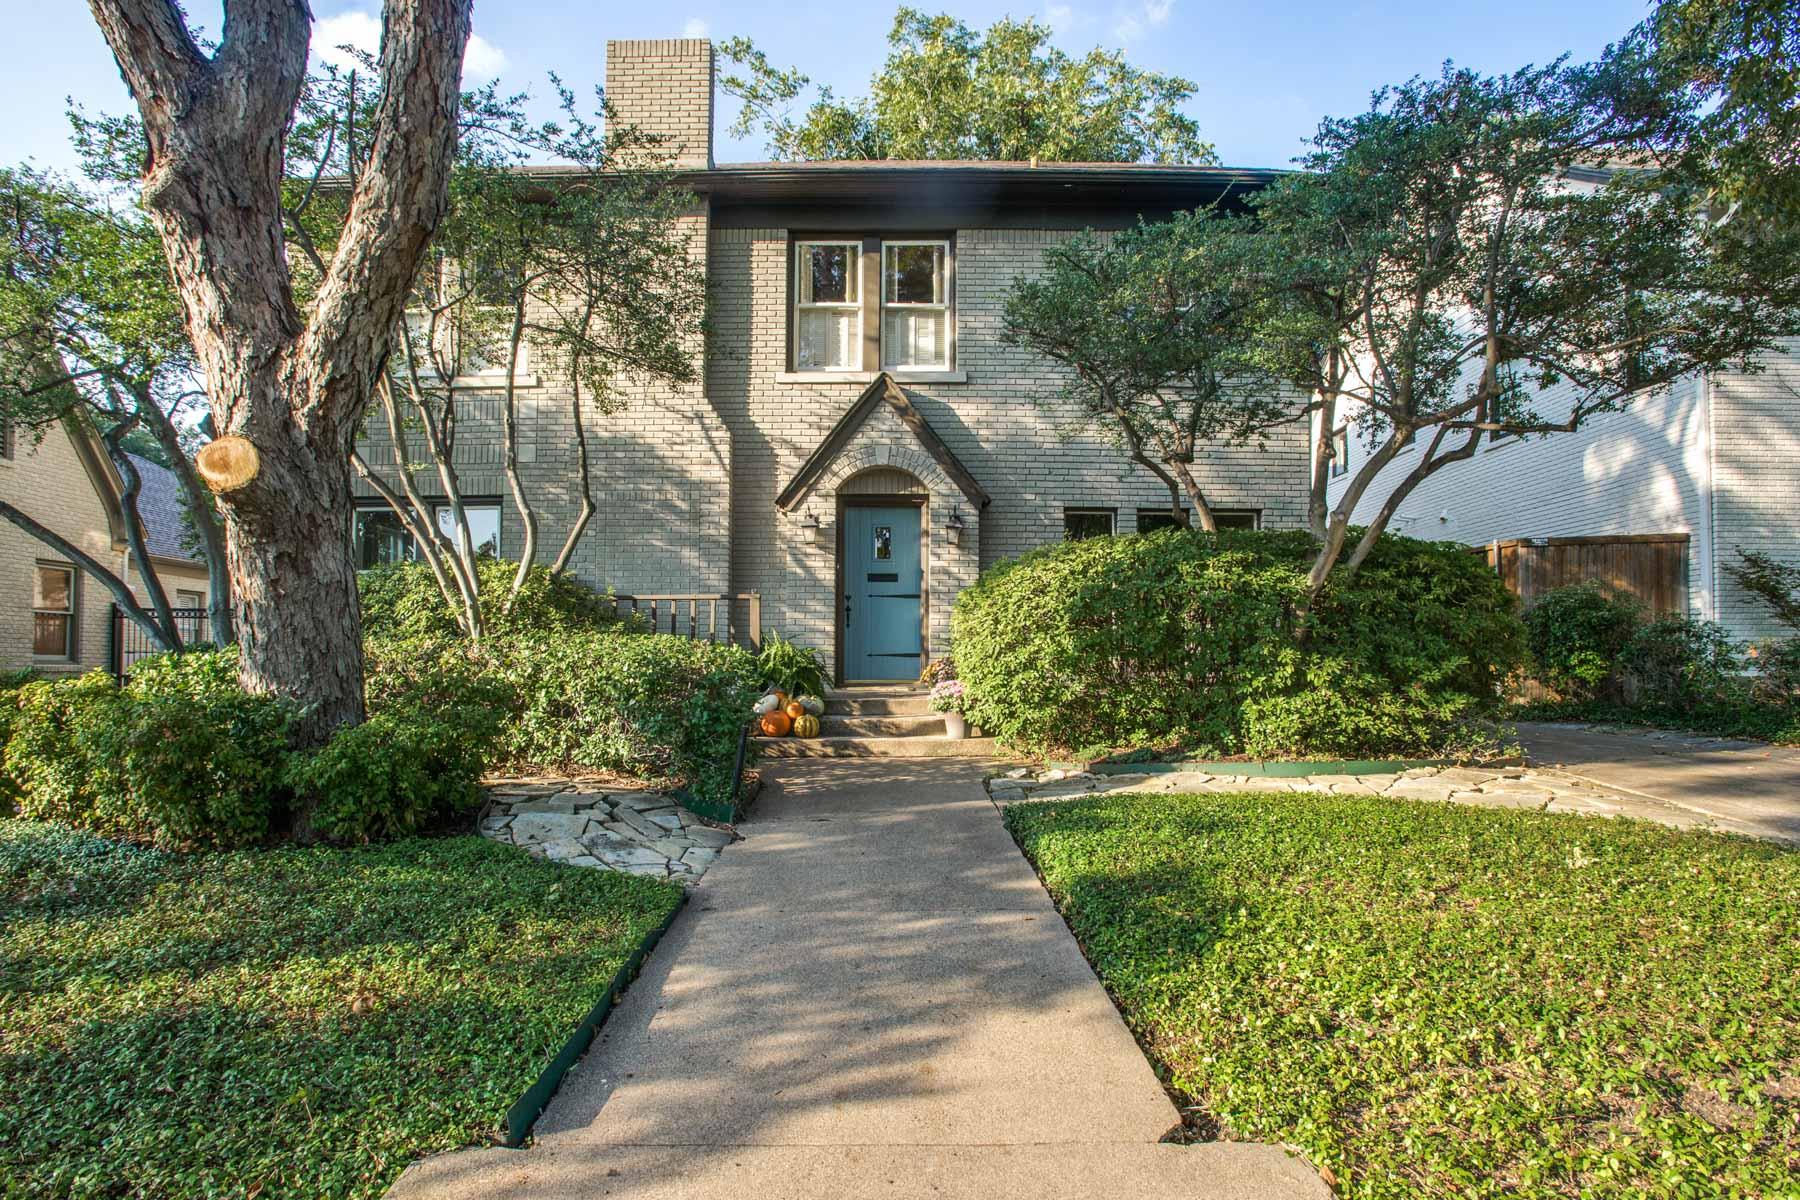 Maison unifamiliale pour l Vente à Charming University Park Home 3520 McFarlin Boulevard Dallas, Texas 75205 États-Unis